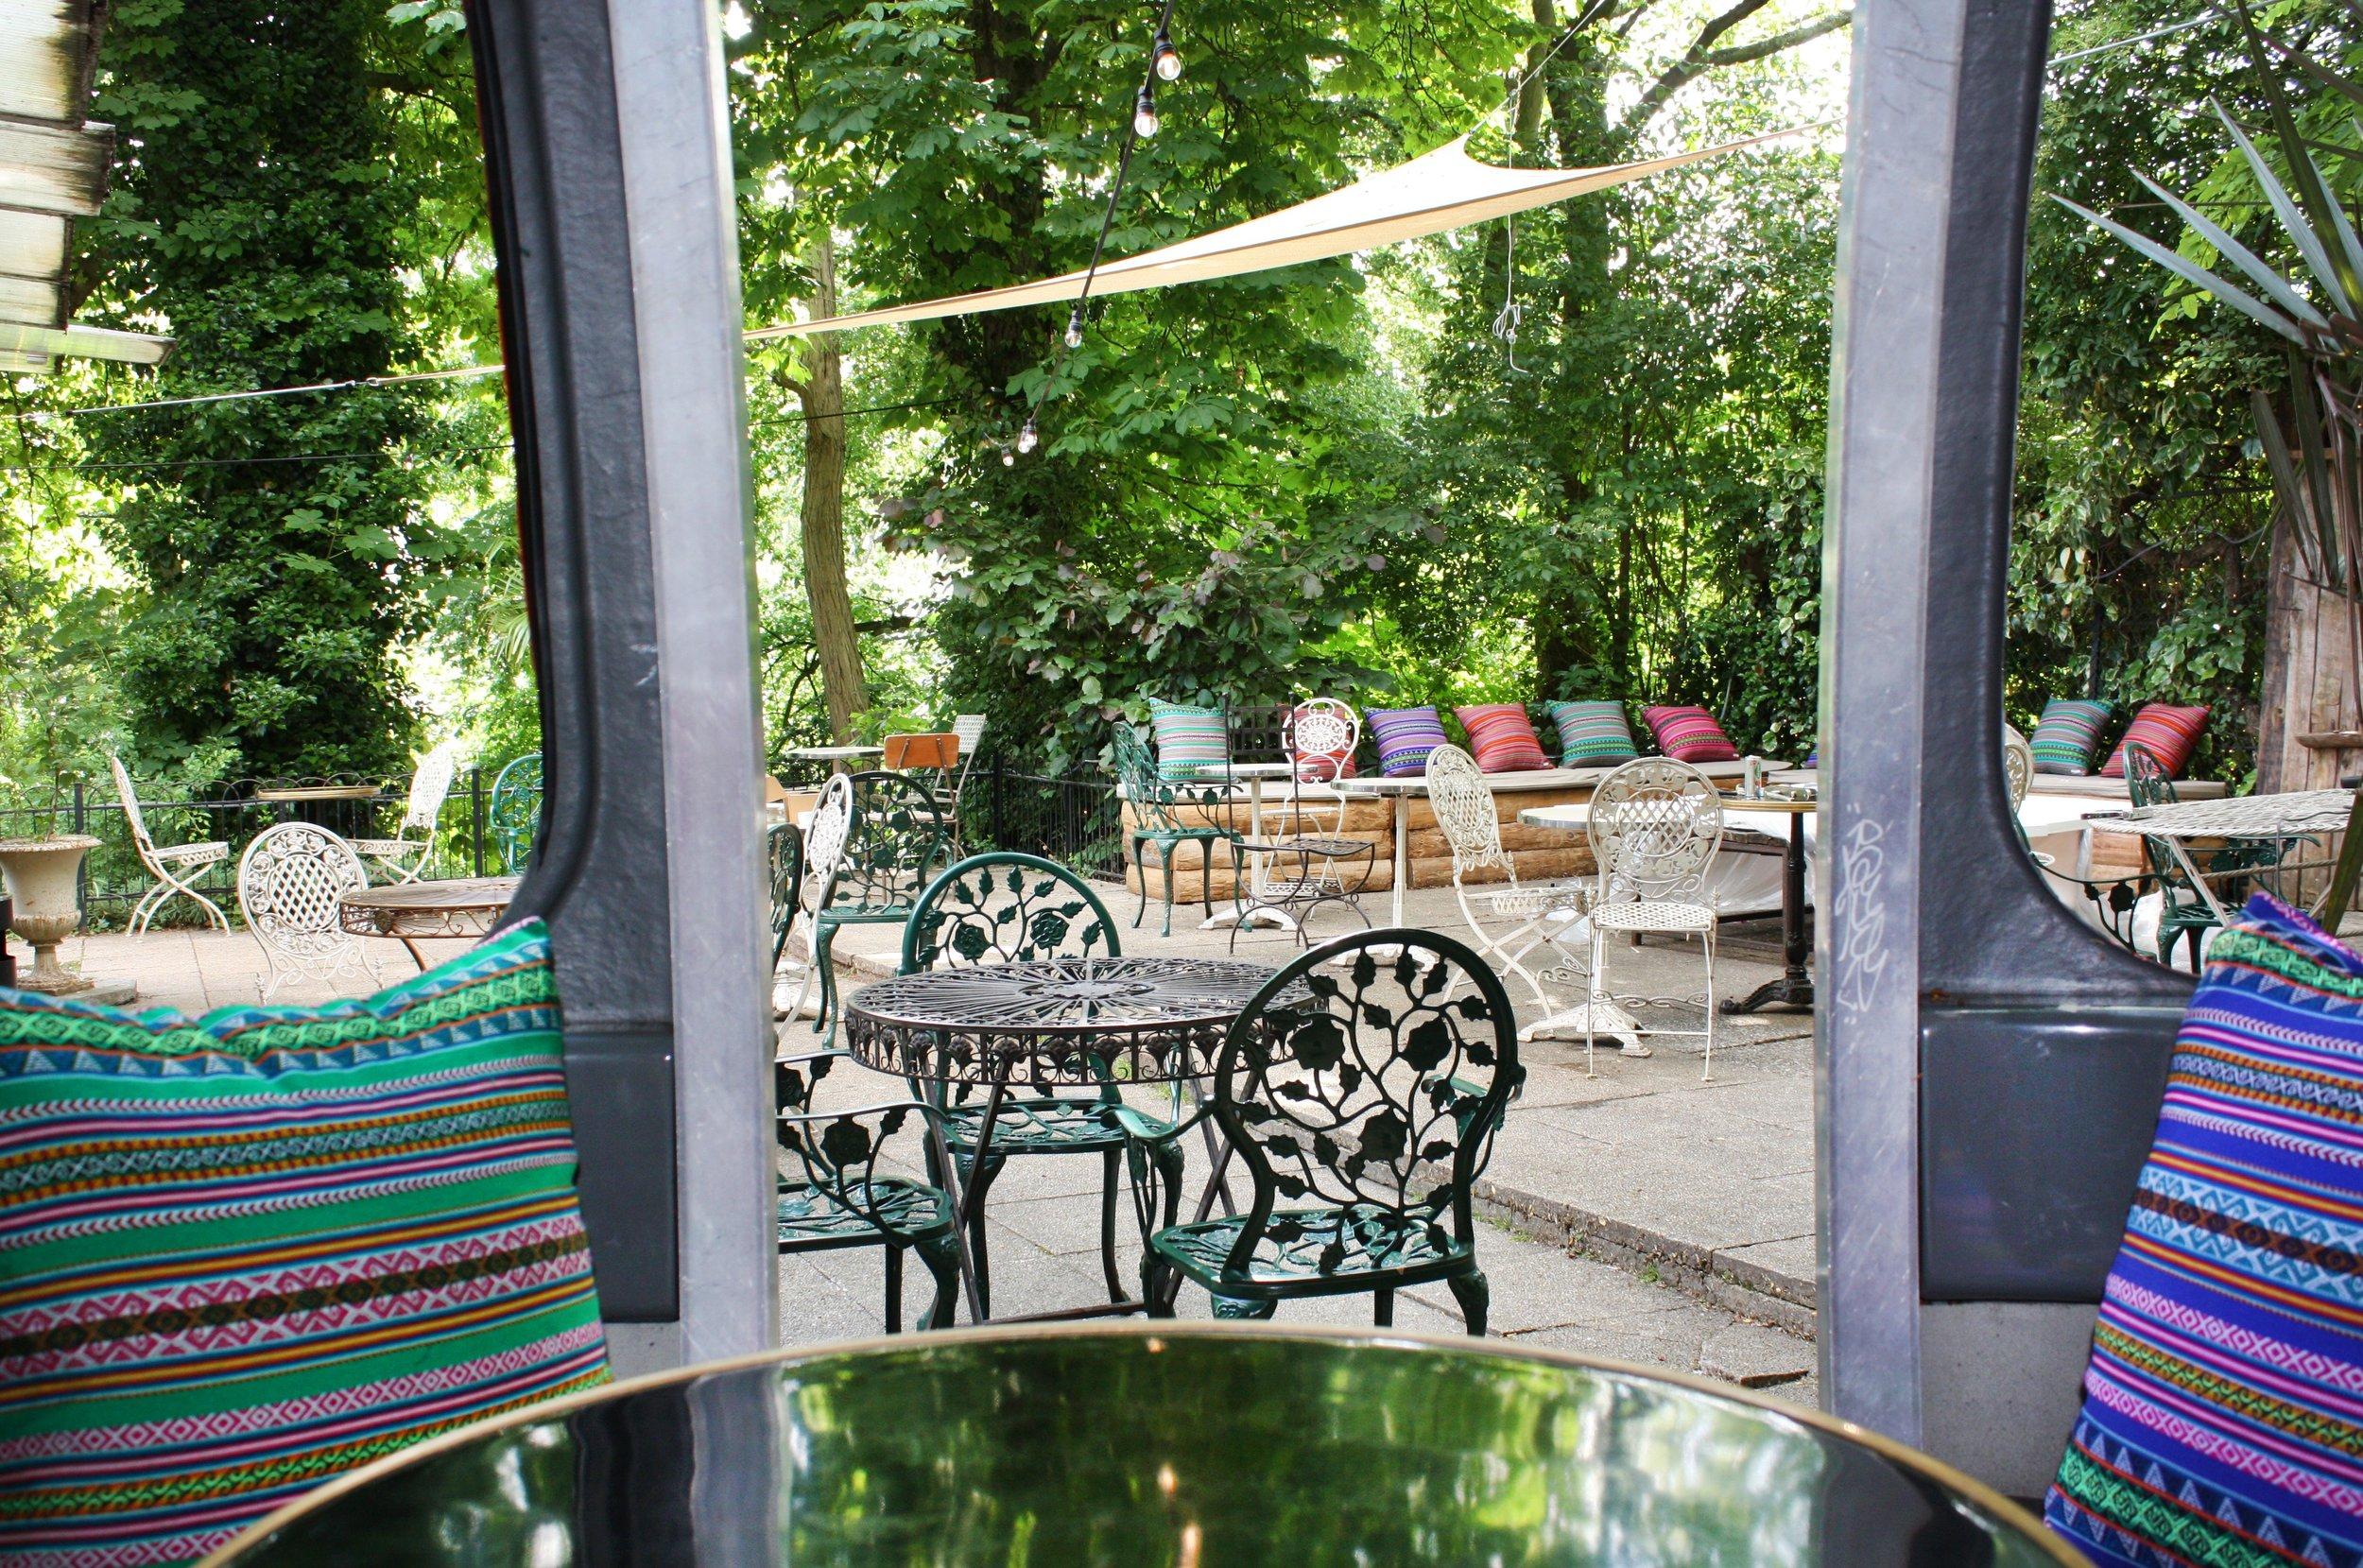 Adjamée-PavillonPuebla4.jpg